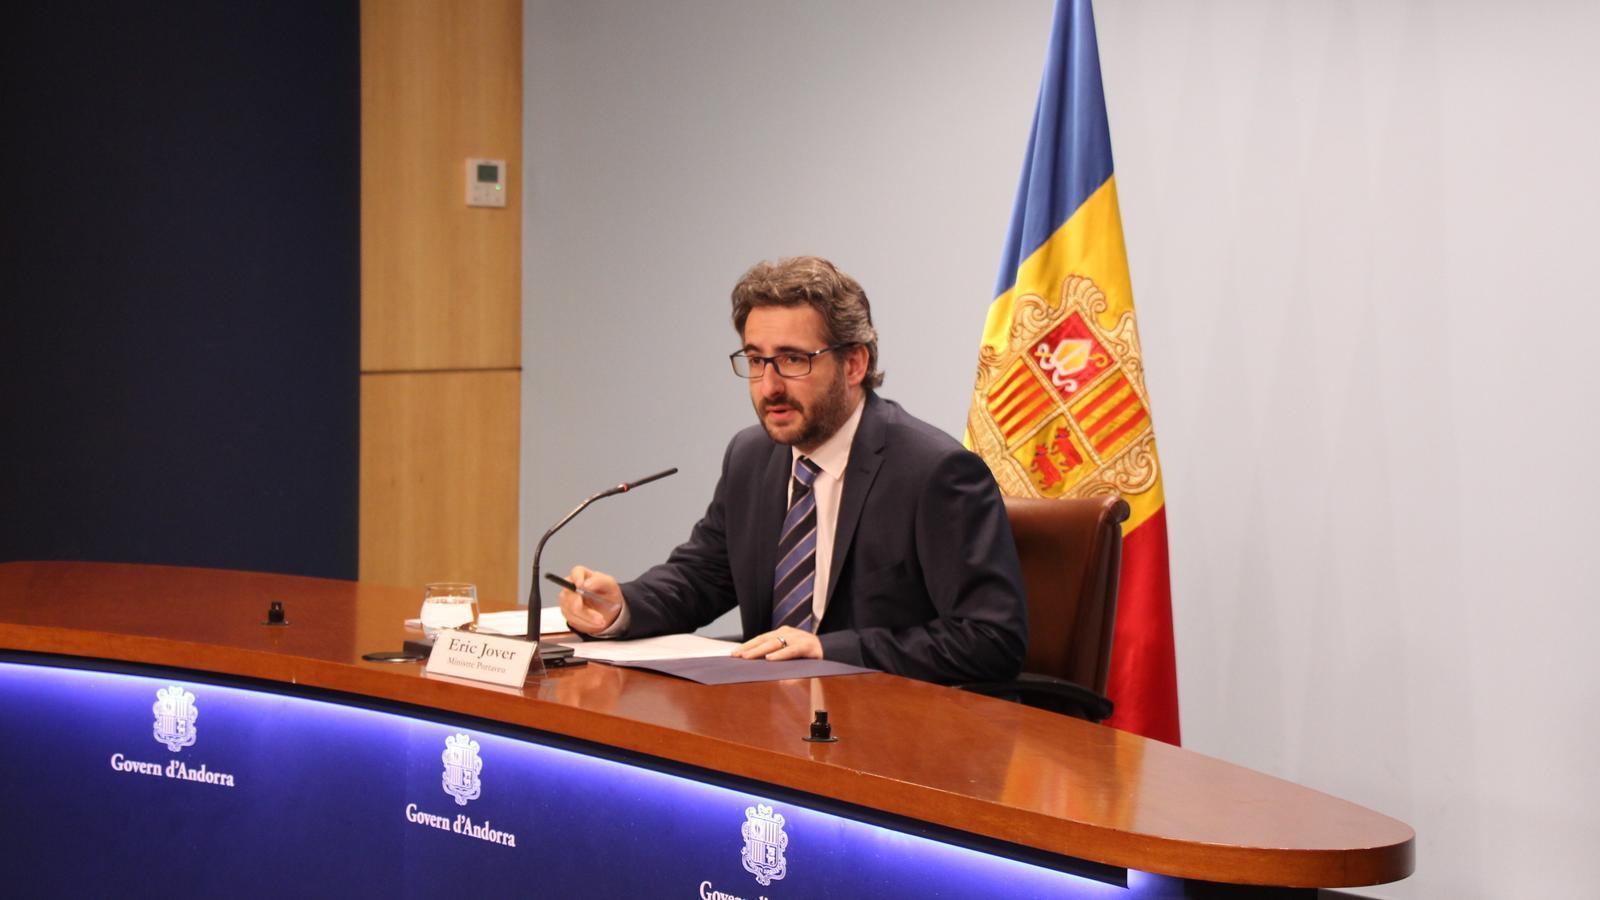 El ministre de Finances i portaveu, Eric Jover, en una compareixença recent. / ANA